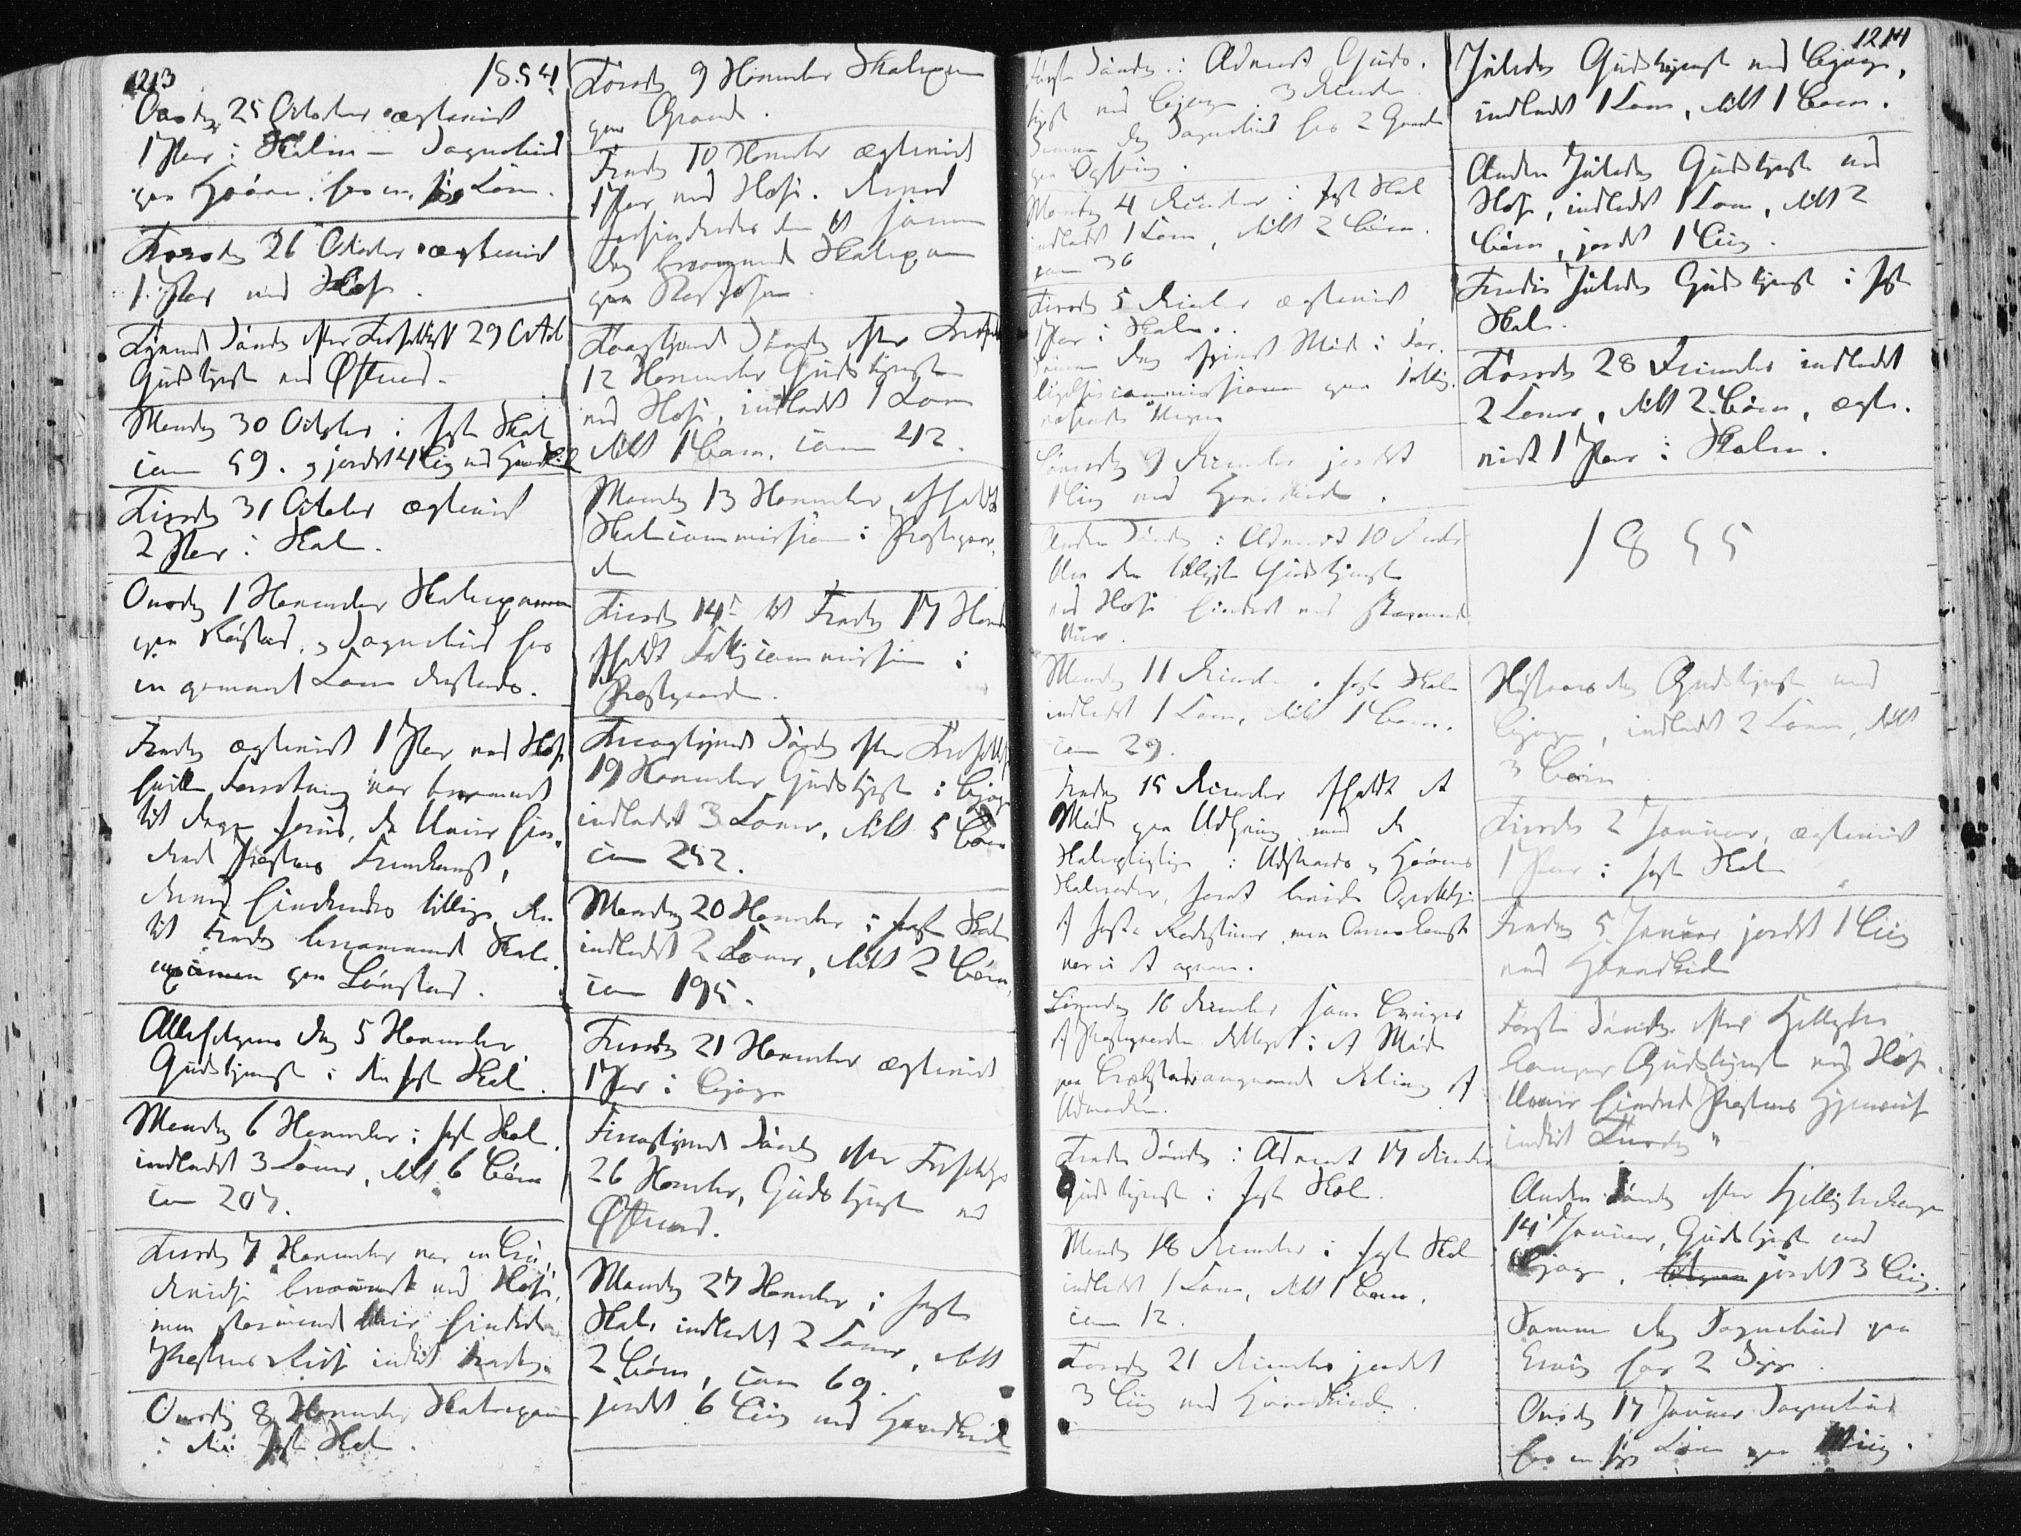 SAT, Ministerialprotokoller, klokkerbøker og fødselsregistre - Sør-Trøndelag, 659/L0736: Ministerialbok nr. 659A06, 1842-1856, s. 1213-1214